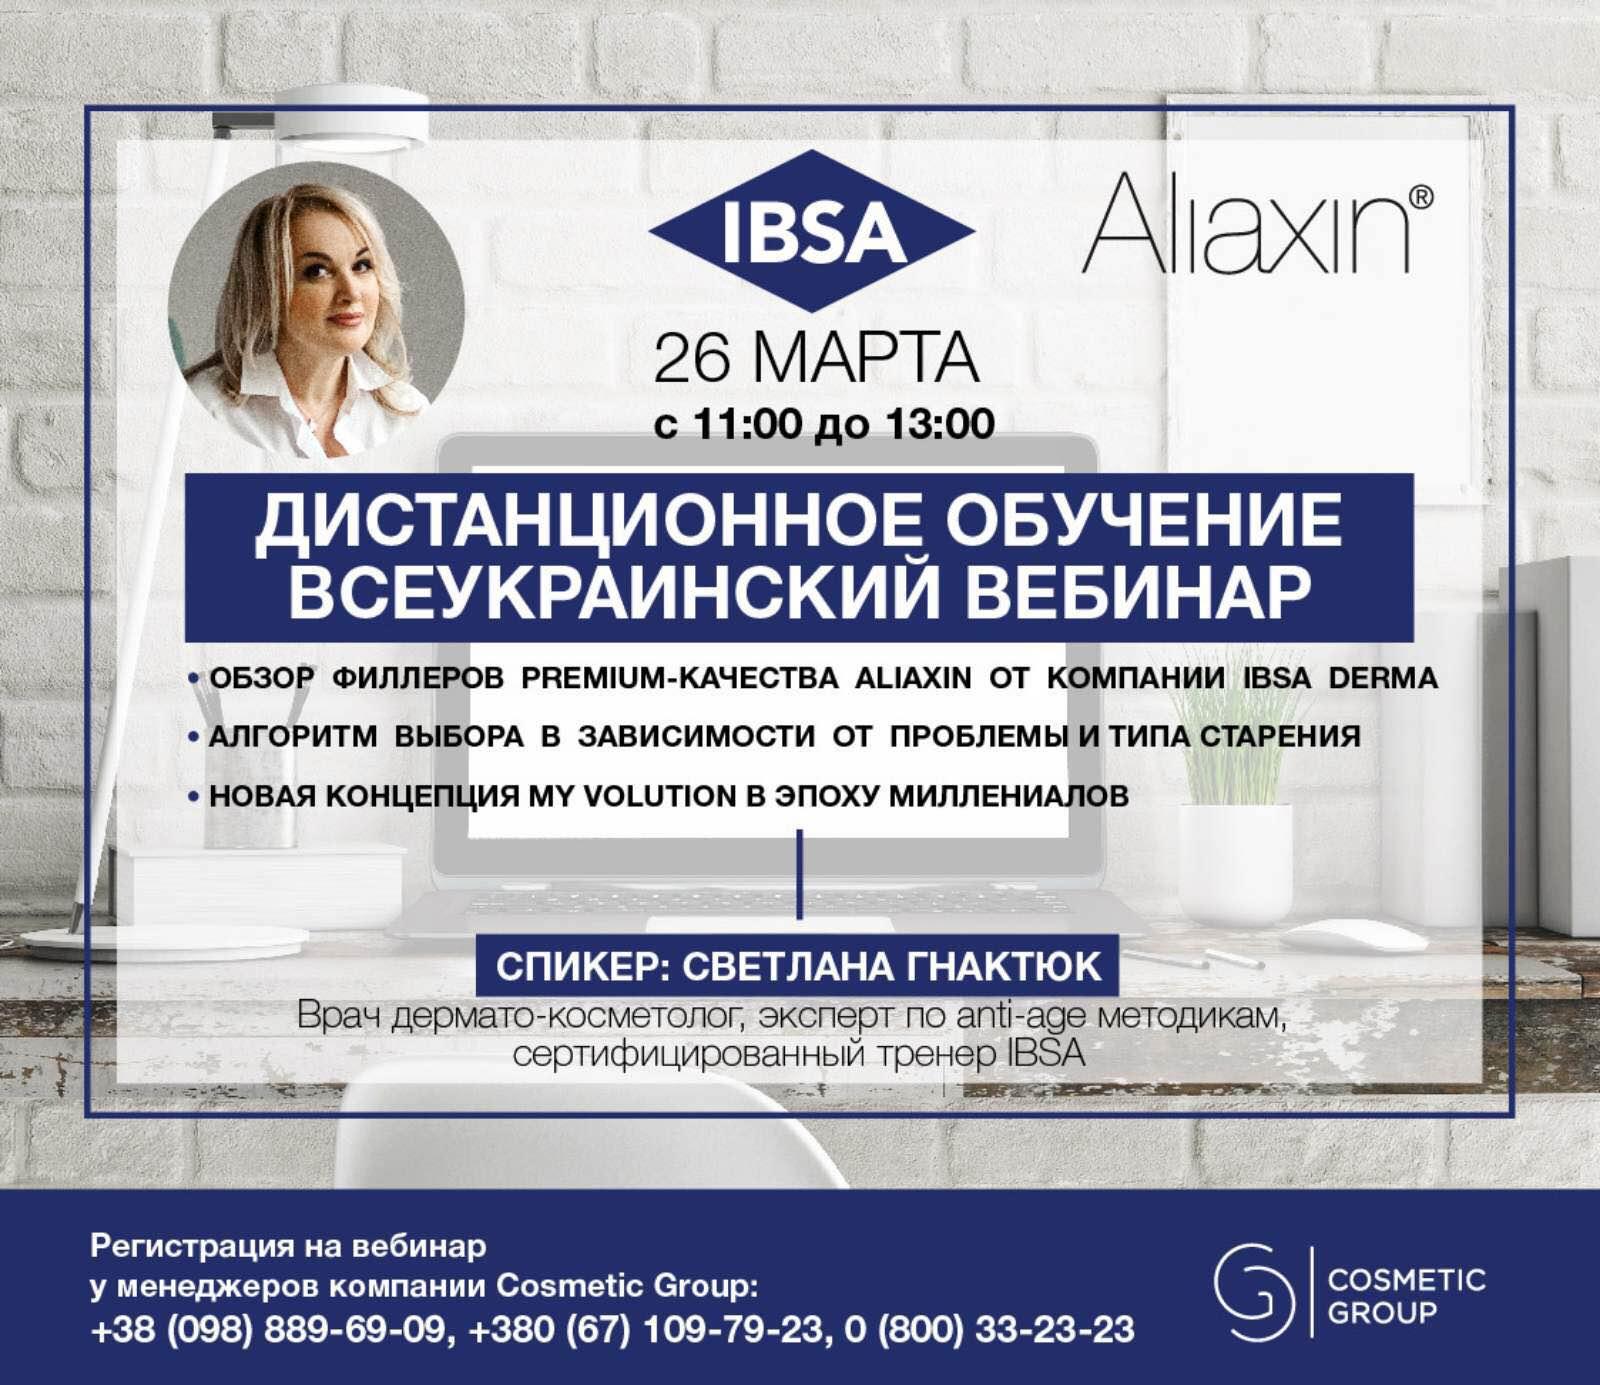 Филлеры premium-качества ALIAXIN, IBSA. Обзор и алгоритм выбора. Презентация новой концепции MY VOLUTION.ВЕБИНАР